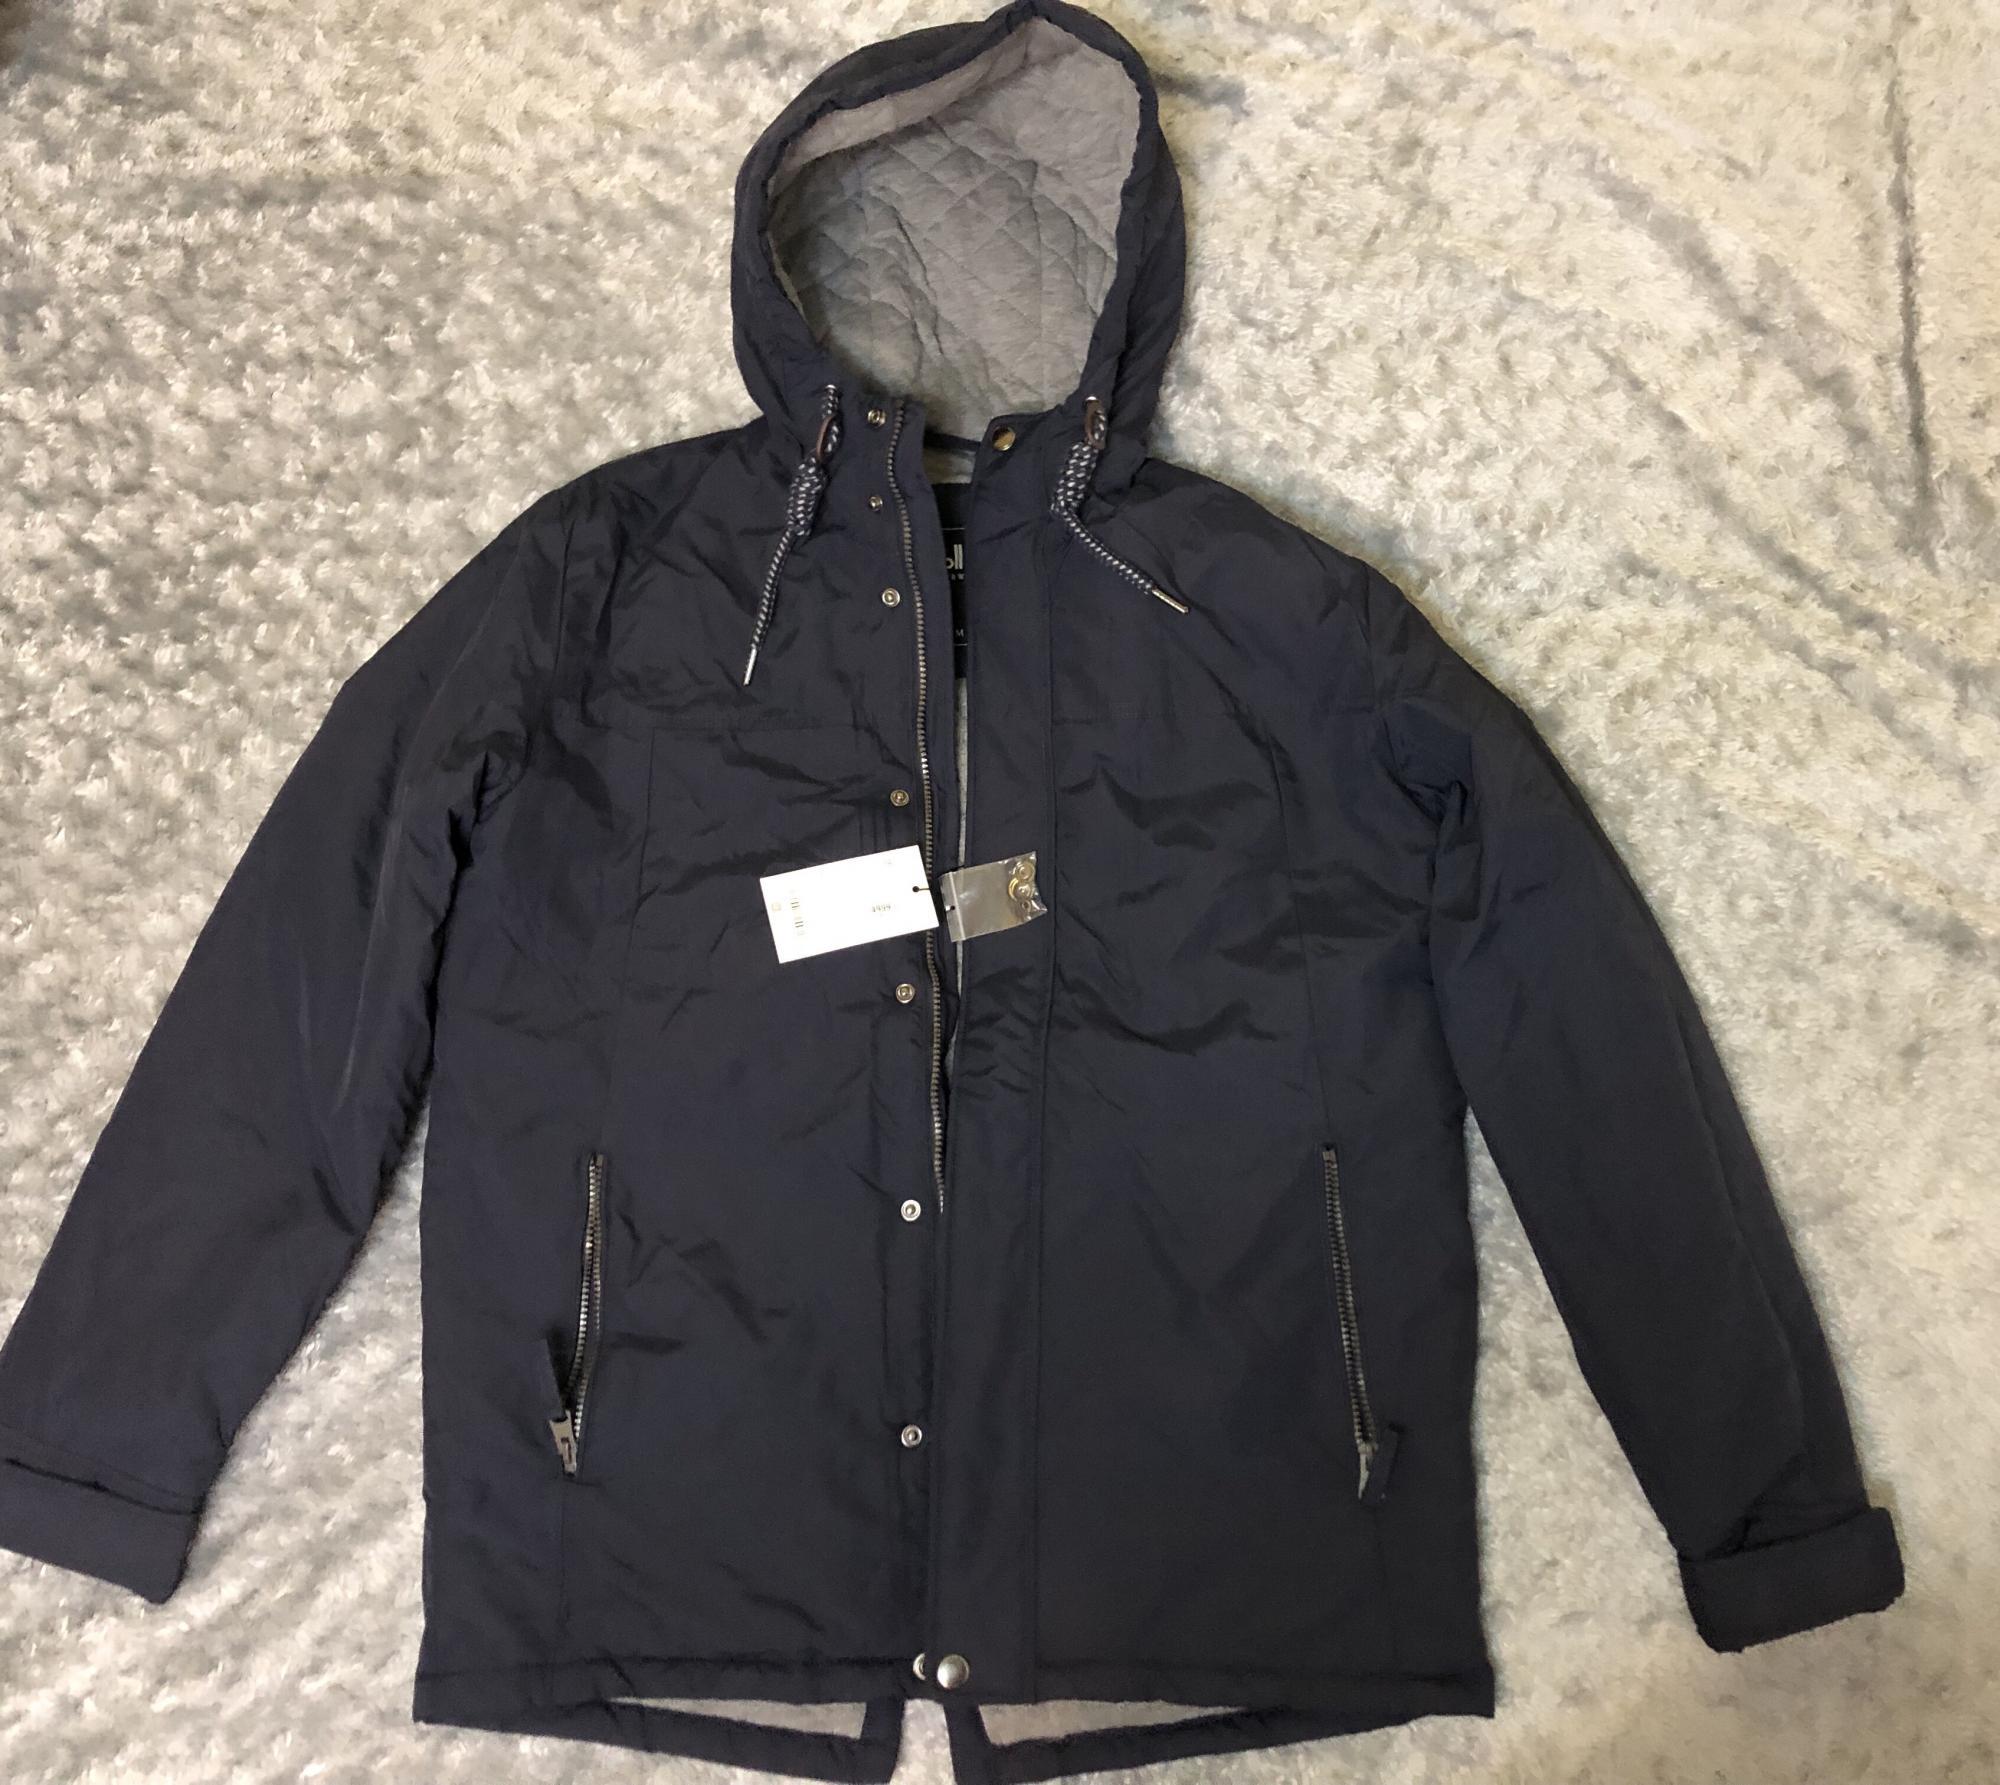 Мужская куртка Zolla, с капюшоном в Москве 89256096656 купить 1